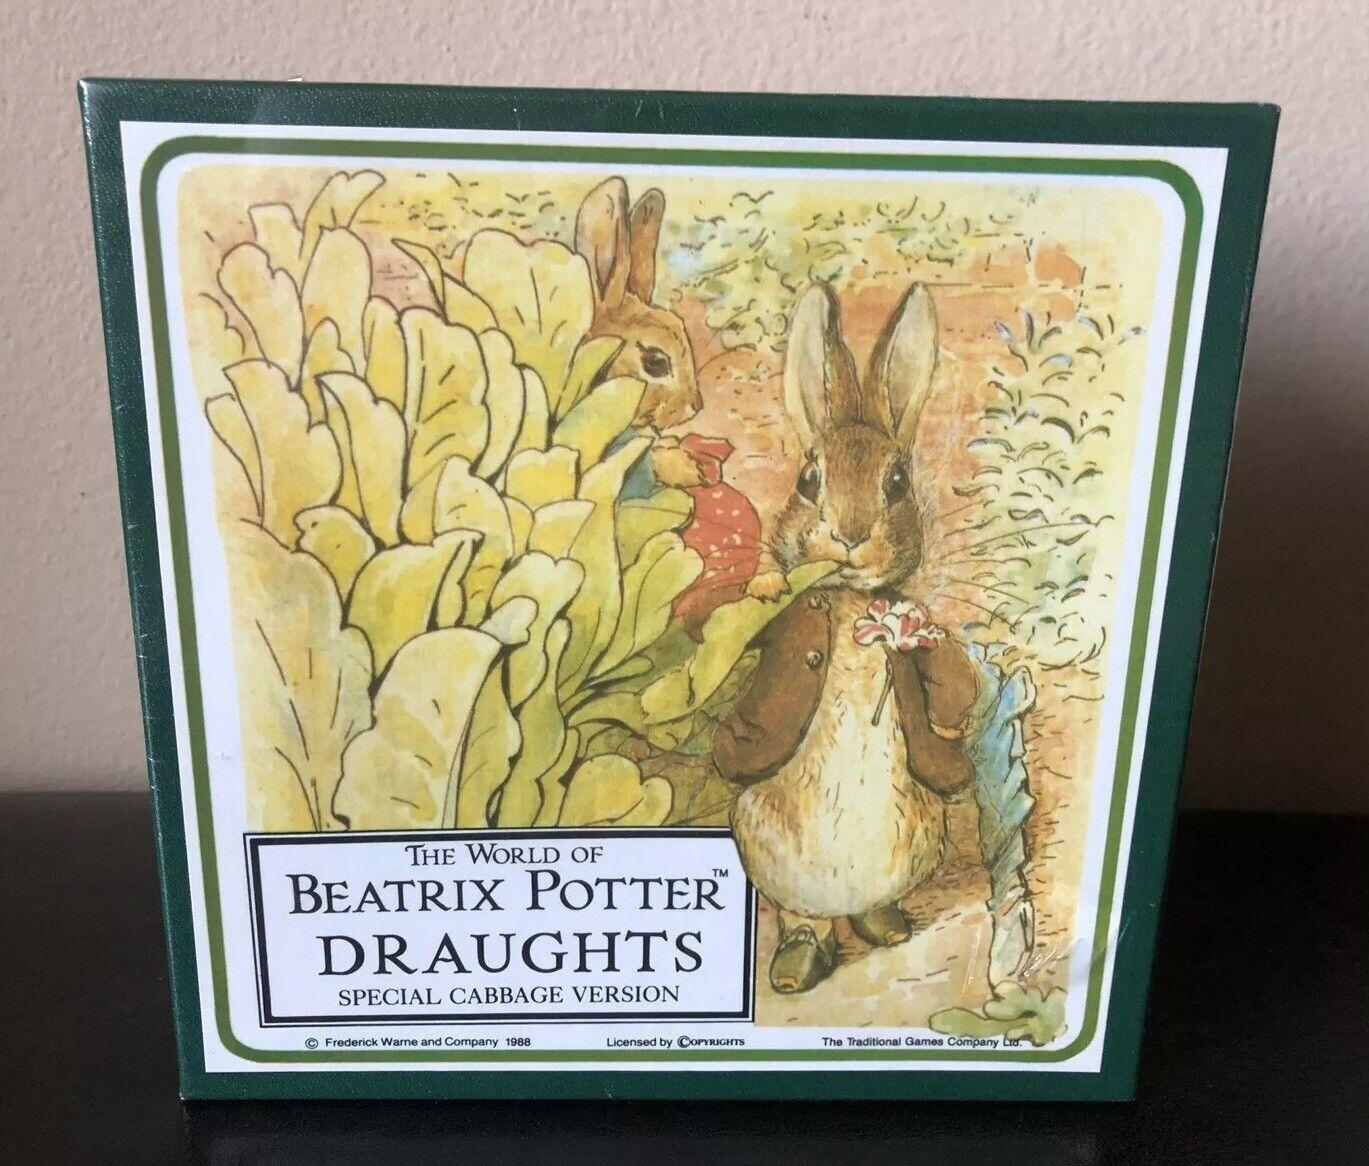 más orden Nueva cosecha 1988 Coleccionable mundo mundo mundo de Beatrix Potter Damas Hecho en Reino Unido Sellado  precios mas baratos